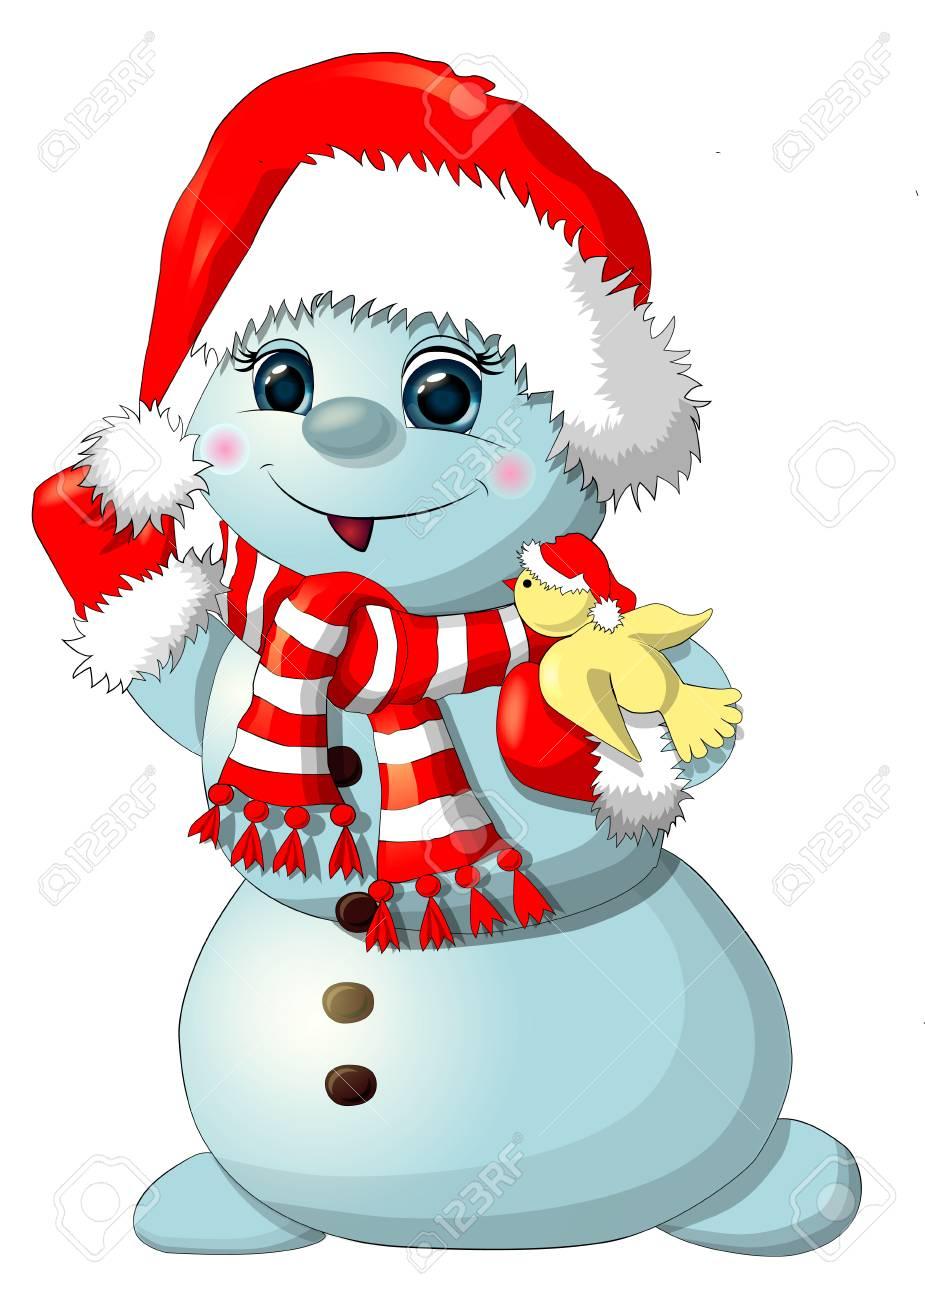 Immagini Di Natale Pupazzi Di Neve.Pupazzo Di Neve Divertente Isolato Illustrazione Di Riserva Pupazzo Di Neve Di Natale Pupazzo Di Neve Con Uccello Pupazzo Di Neve Con Cappello Di